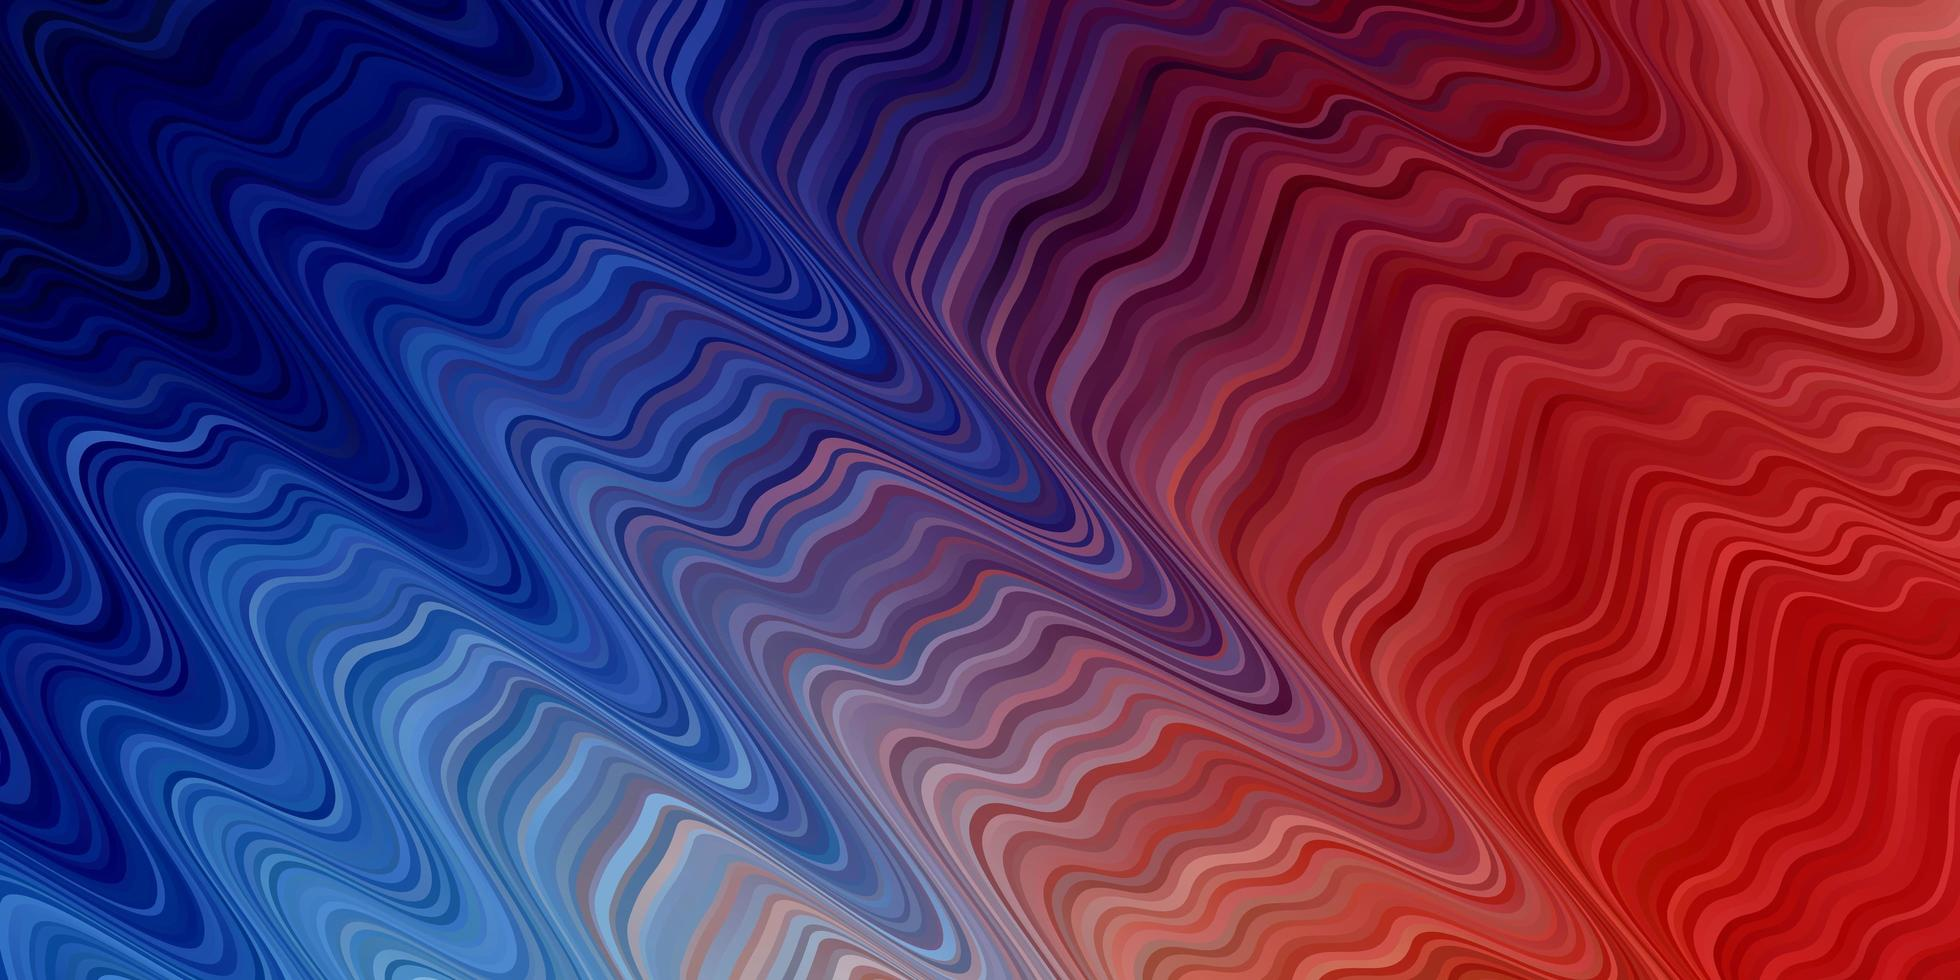 fond bleu clair, rouge avec des lignes ondulées. vecteur